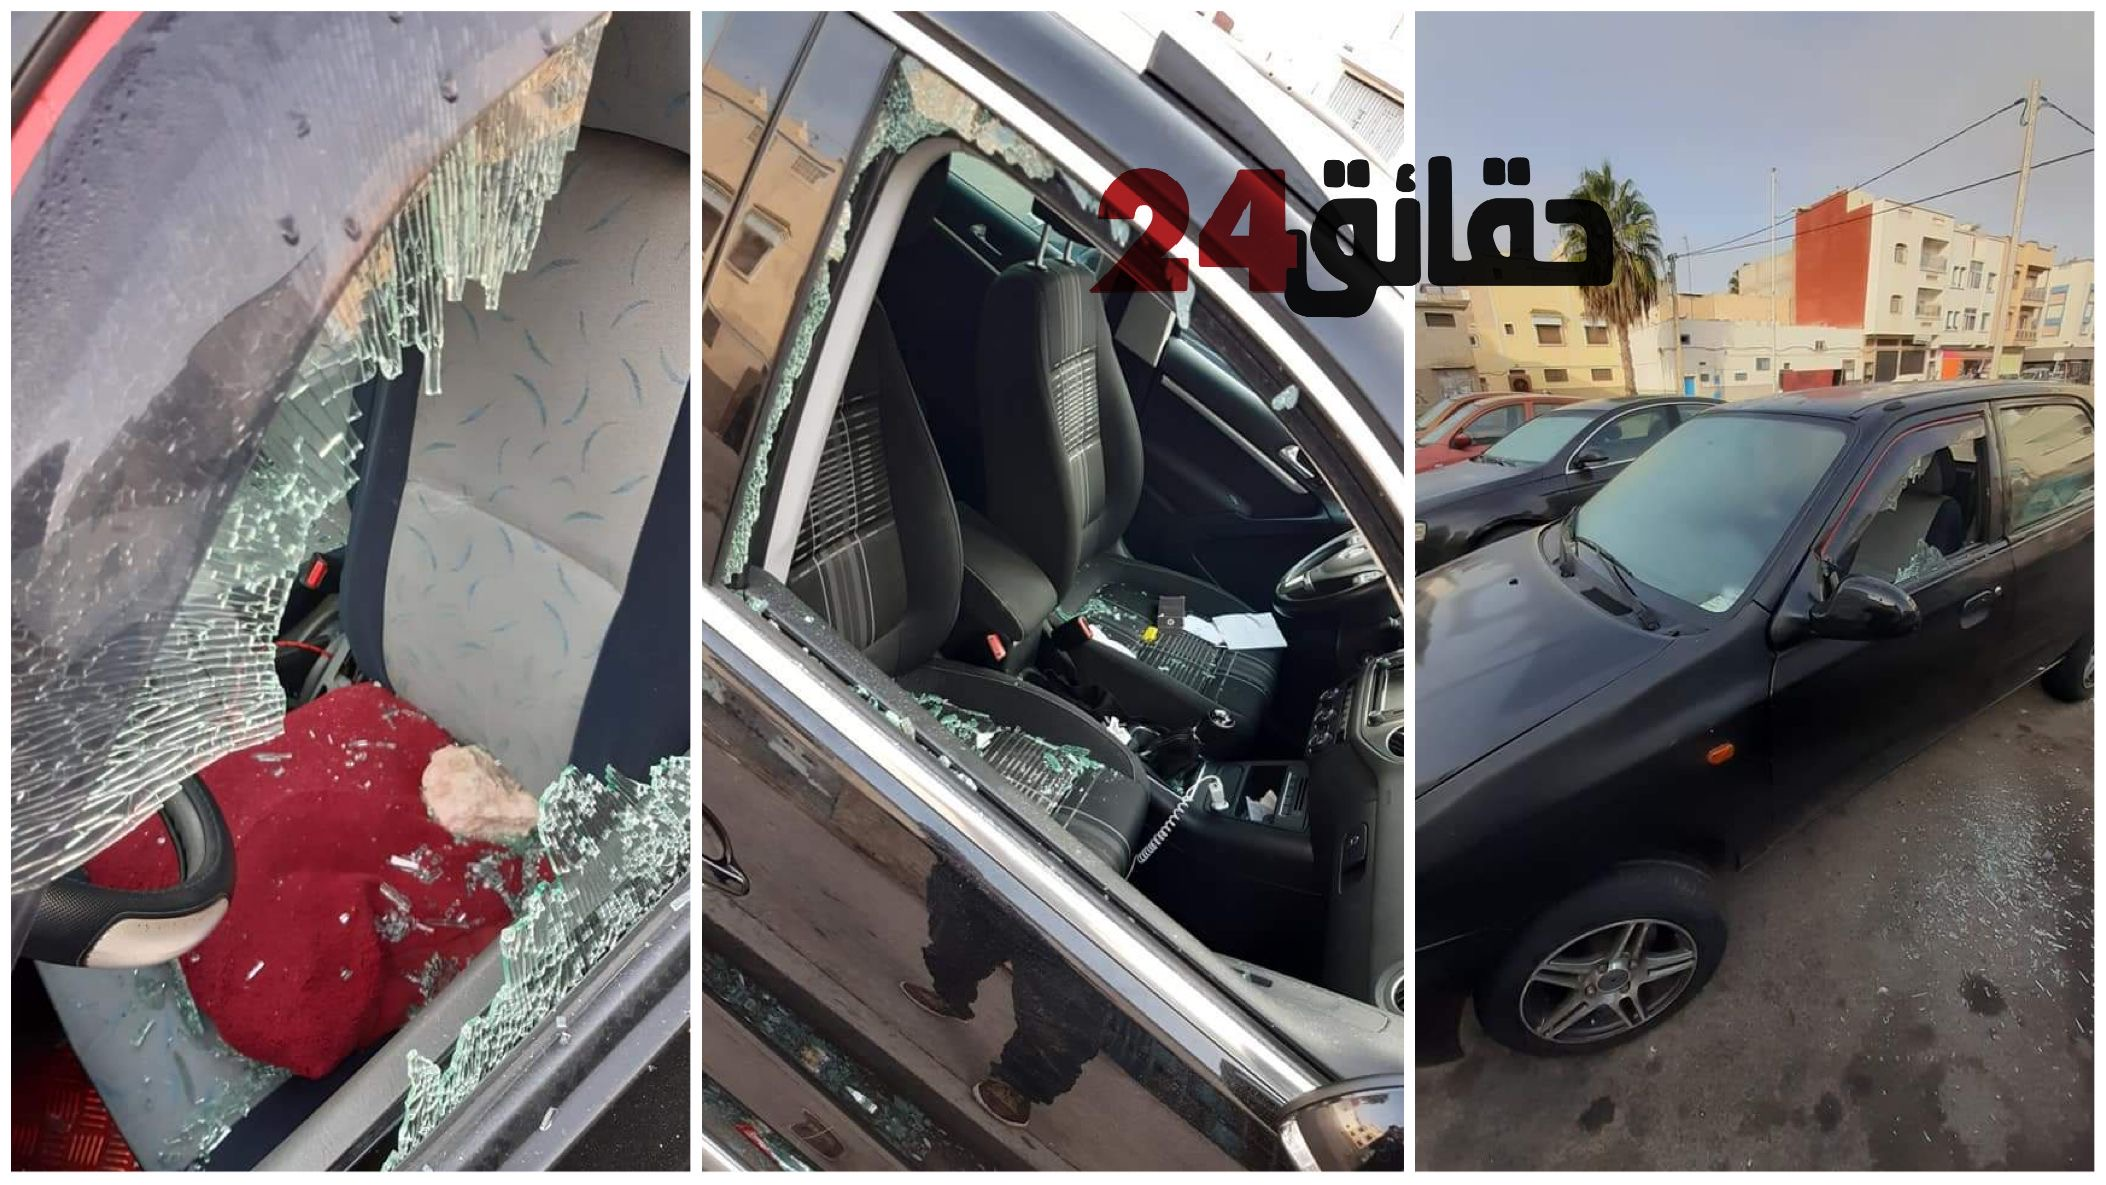 صورة أكادير | جانحون يهشمون مجموعة من السيارات وسرقة محتوياتها